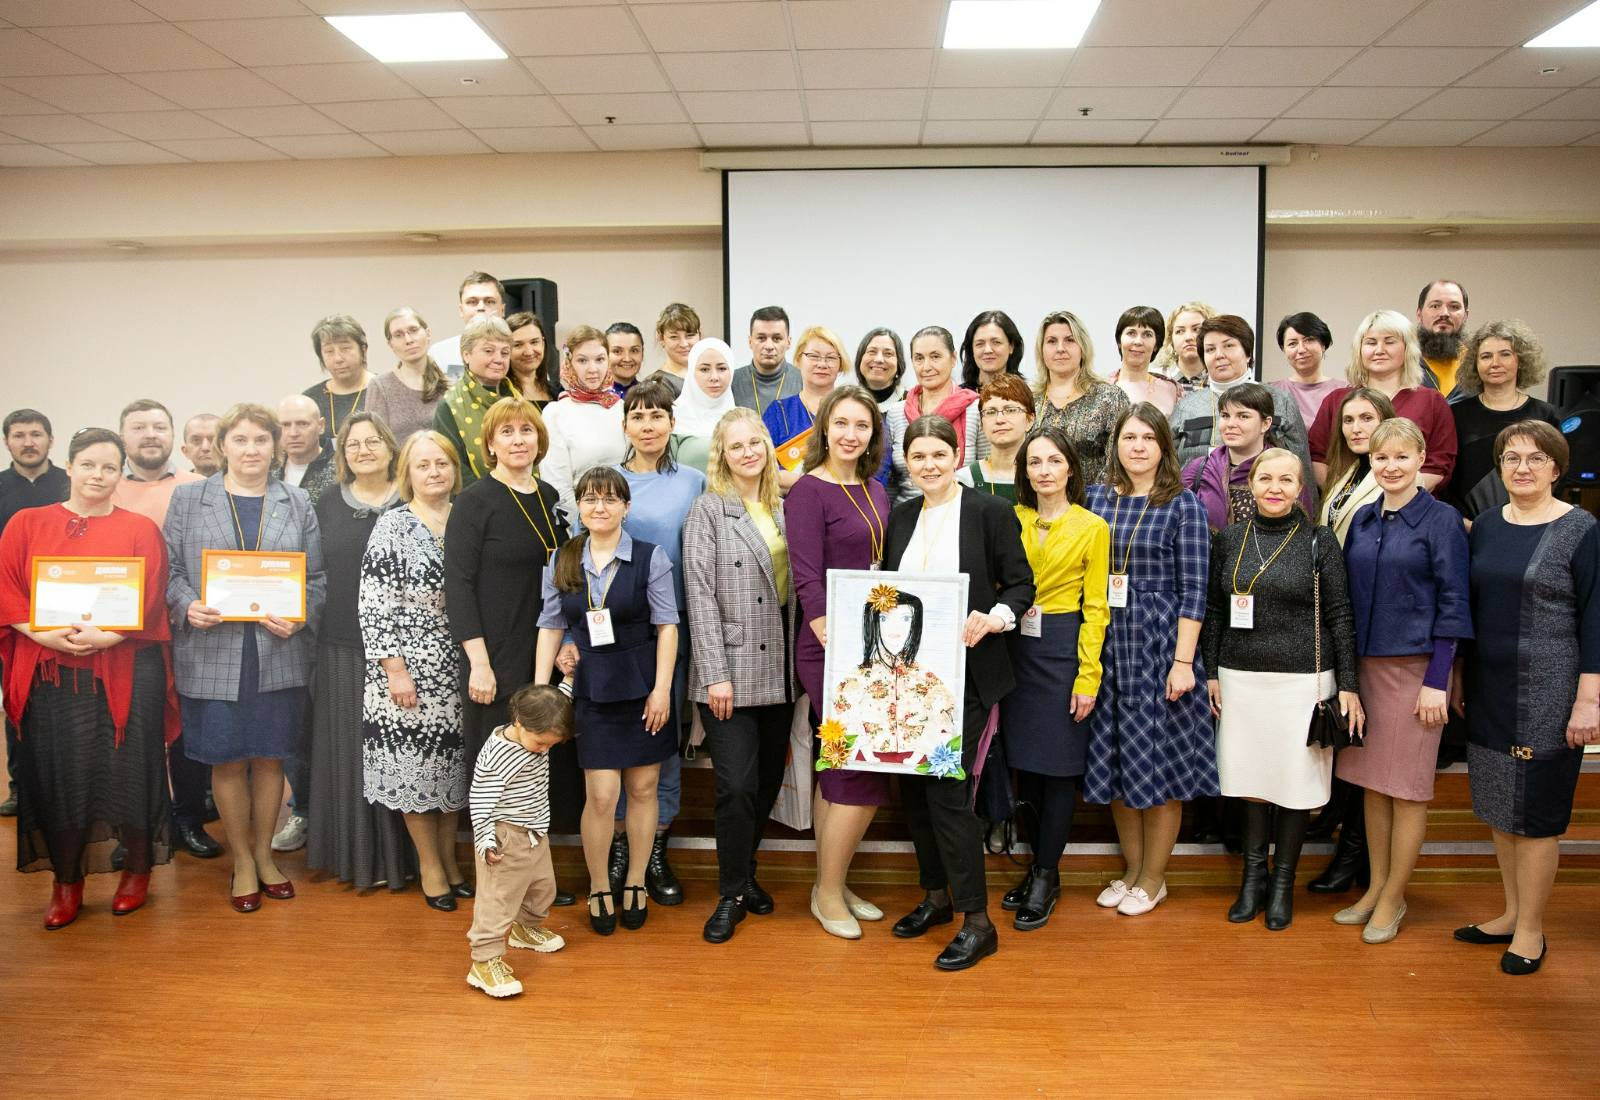 Руководитель центра «С верой в жизнь!» приняла участие в конференции для НКО в г. Москва